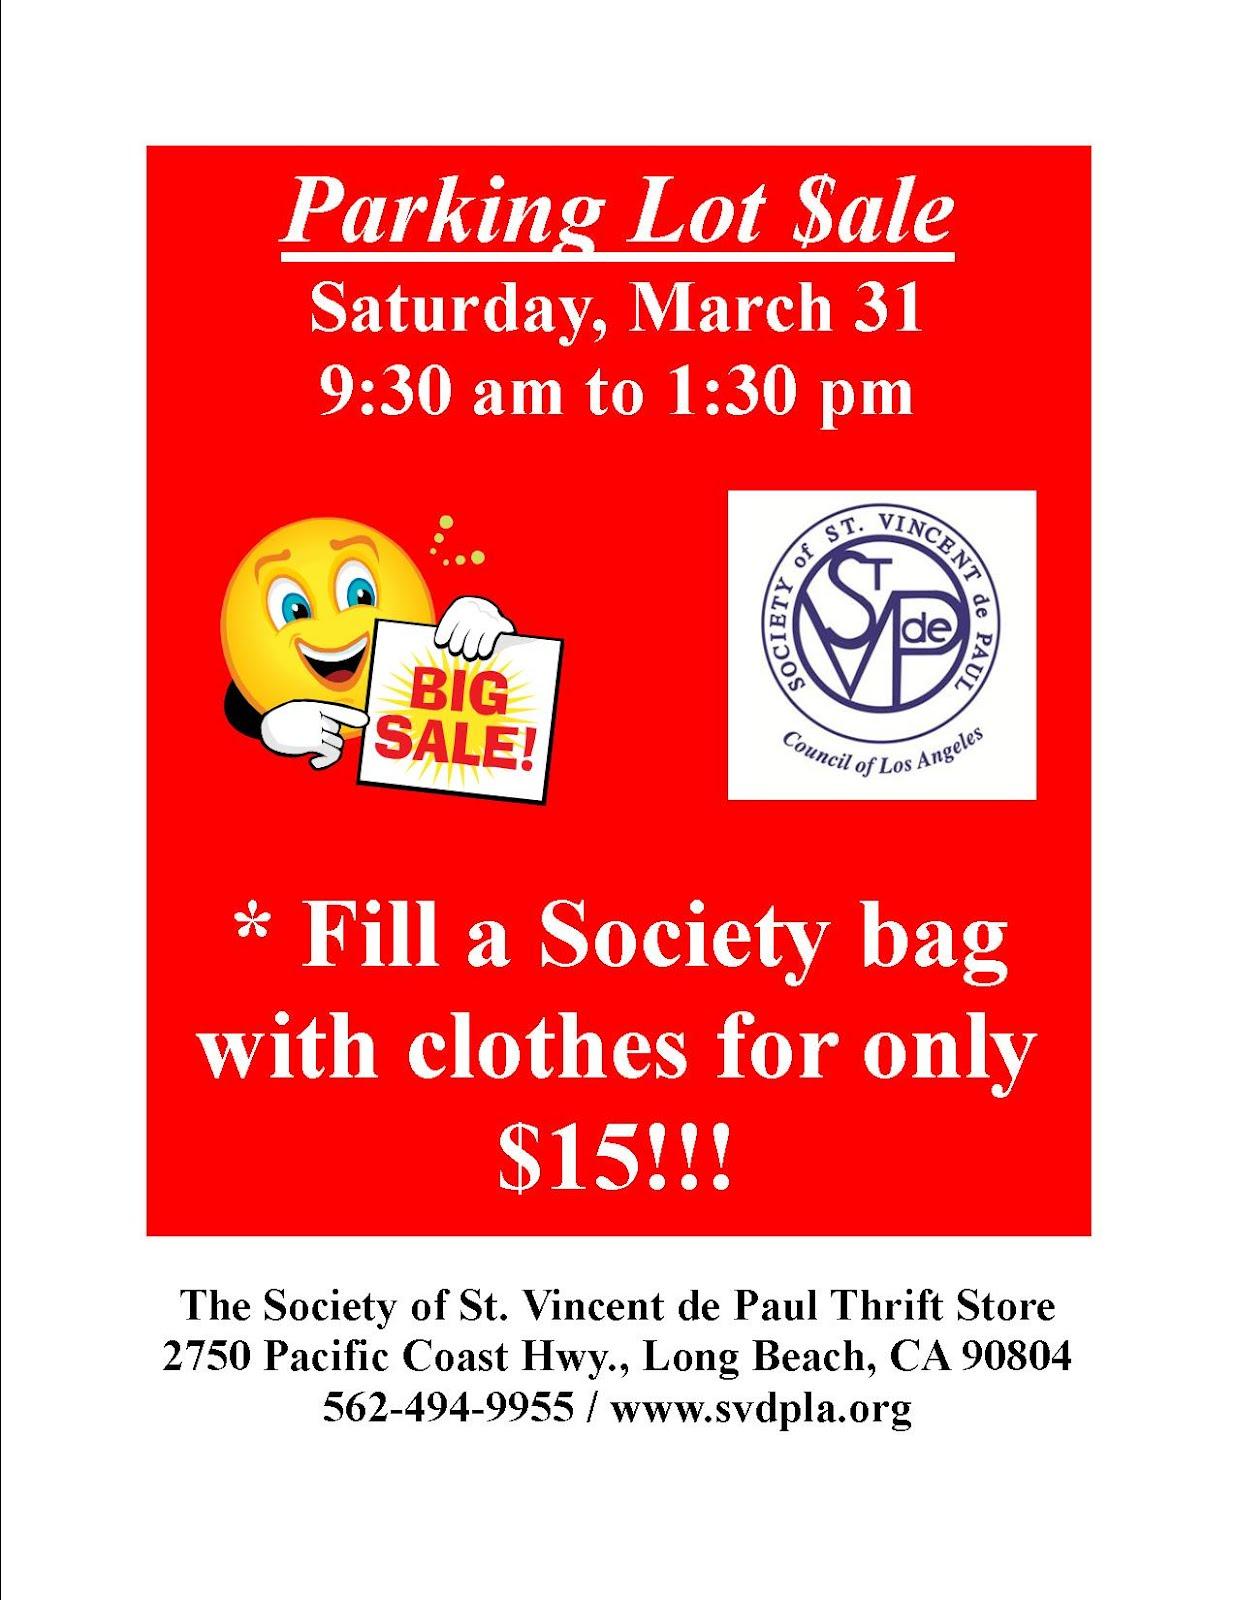 St vincent de paul of los angeles parking lot sale at for Lax long term parking lot